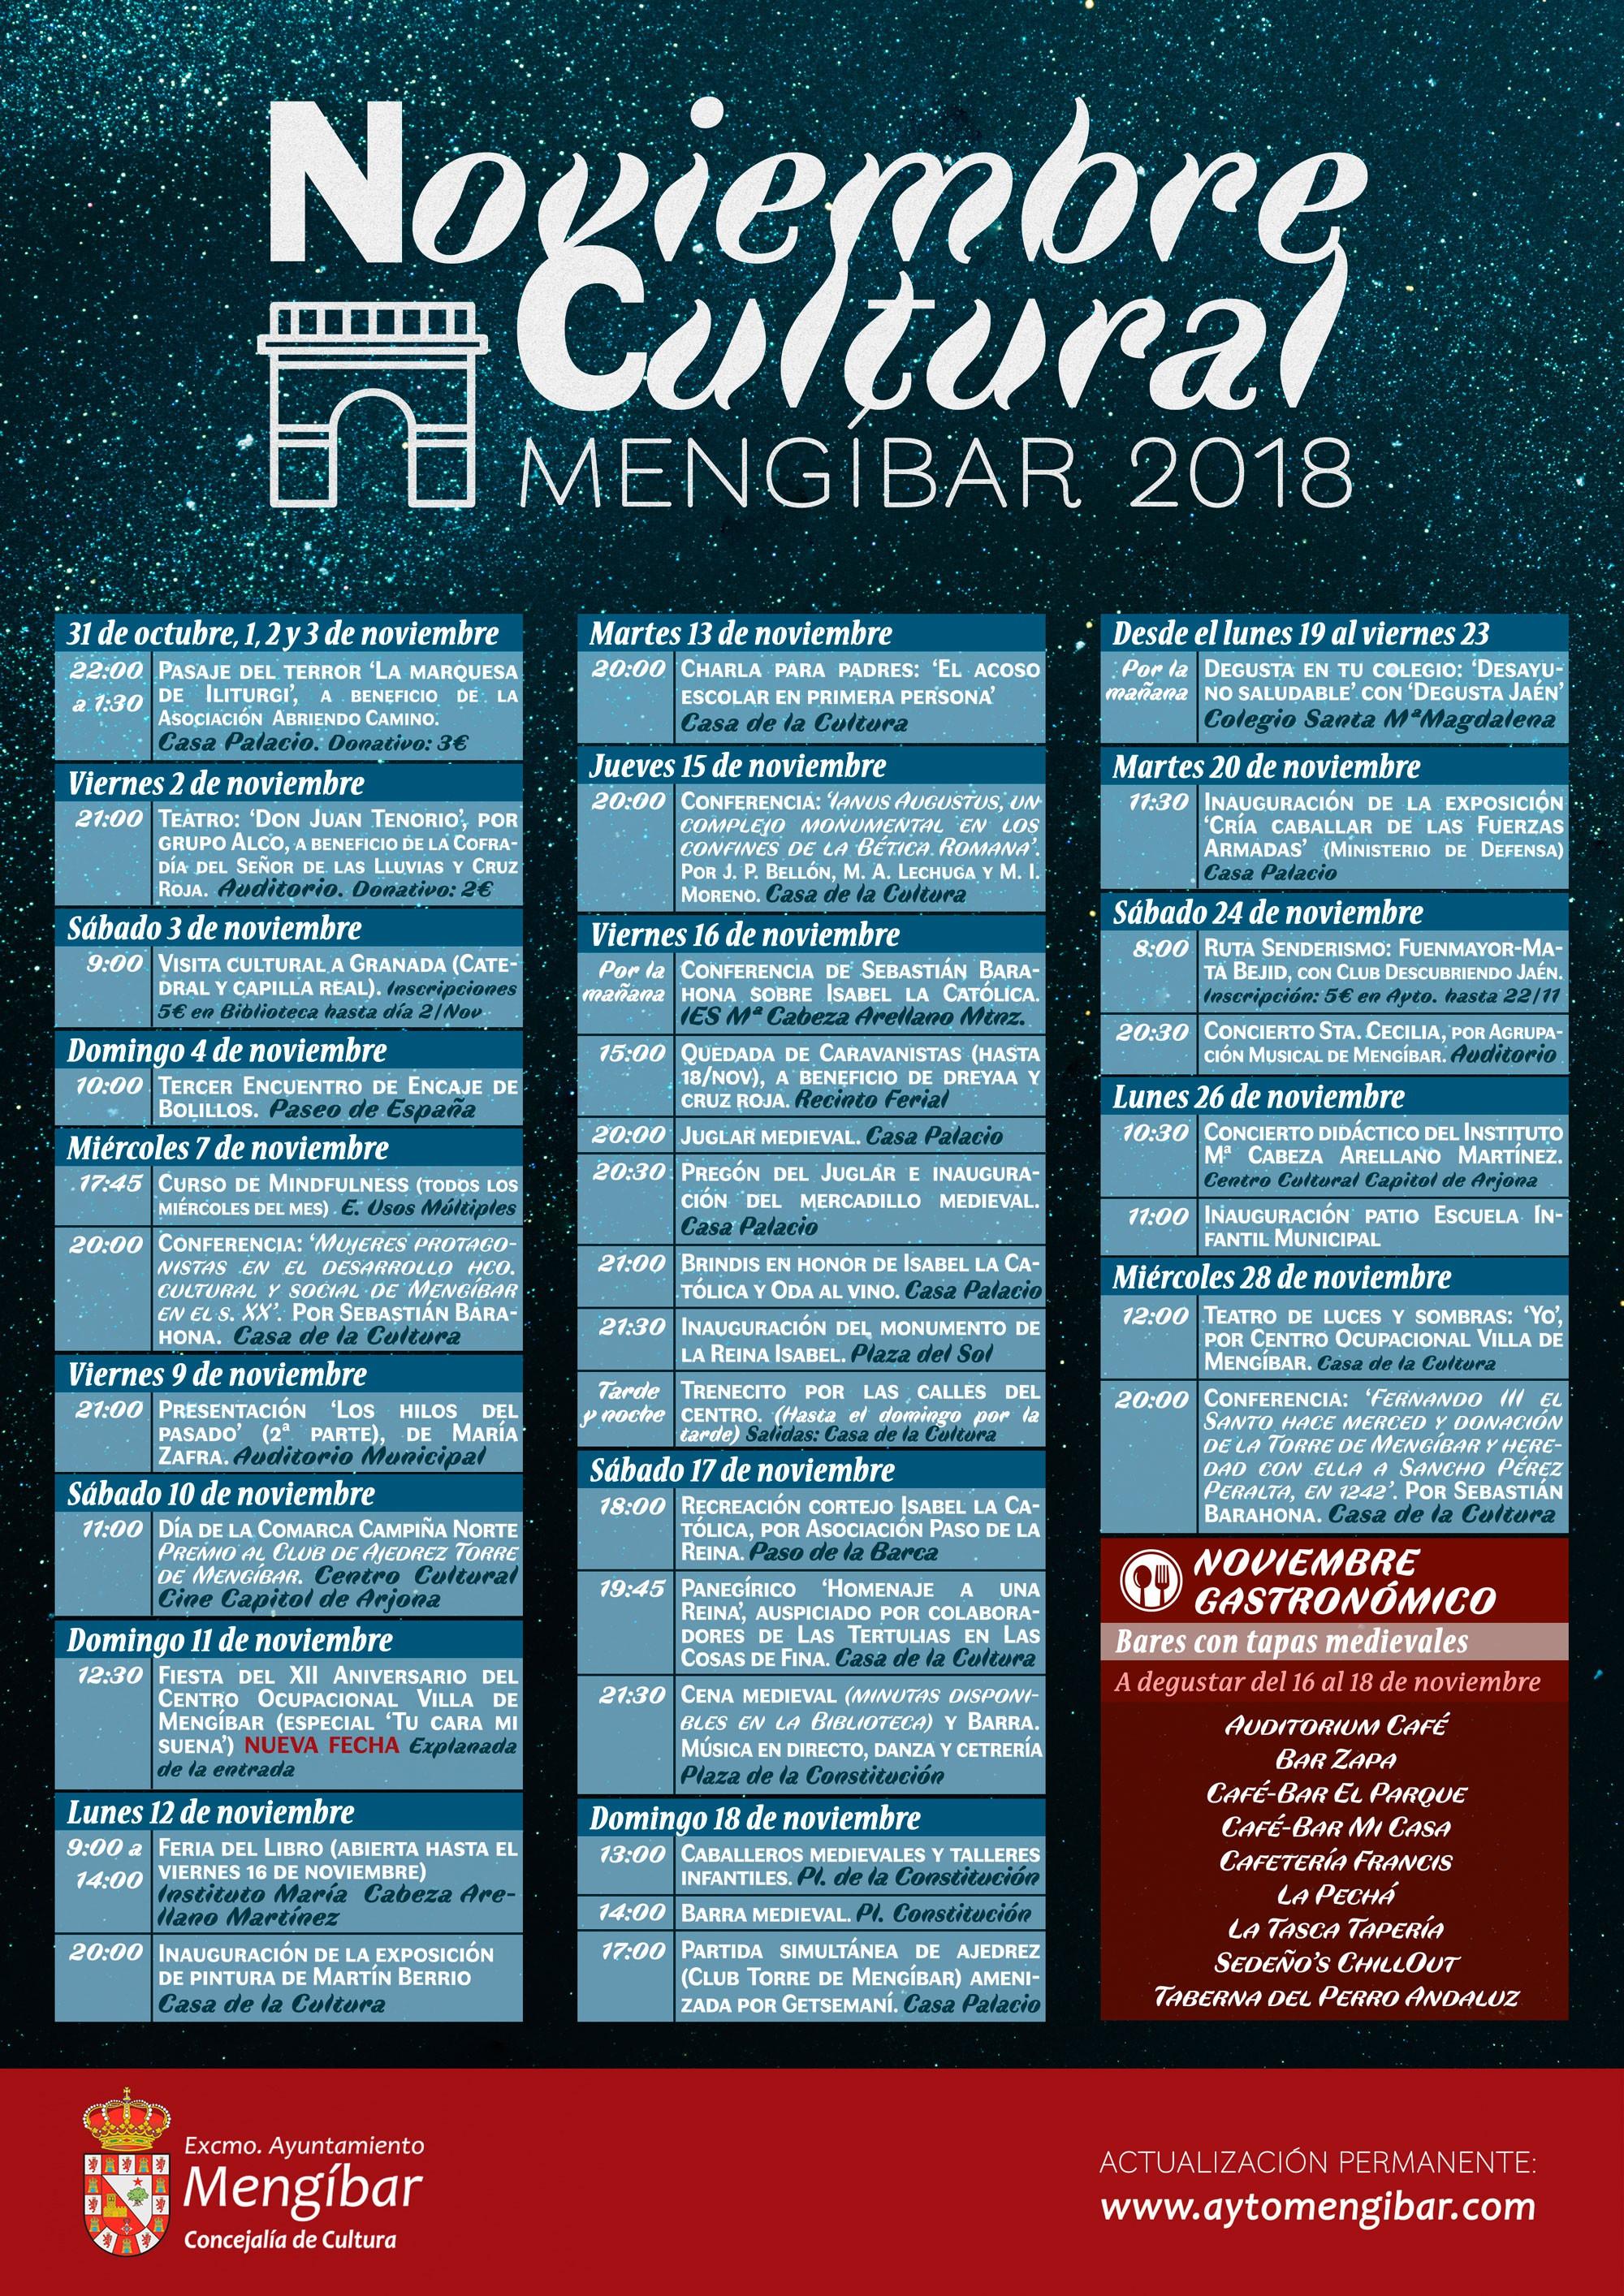 Calendario Escolar 2019 andalucia Recientes De Infancia Y Familia 2 2018 12